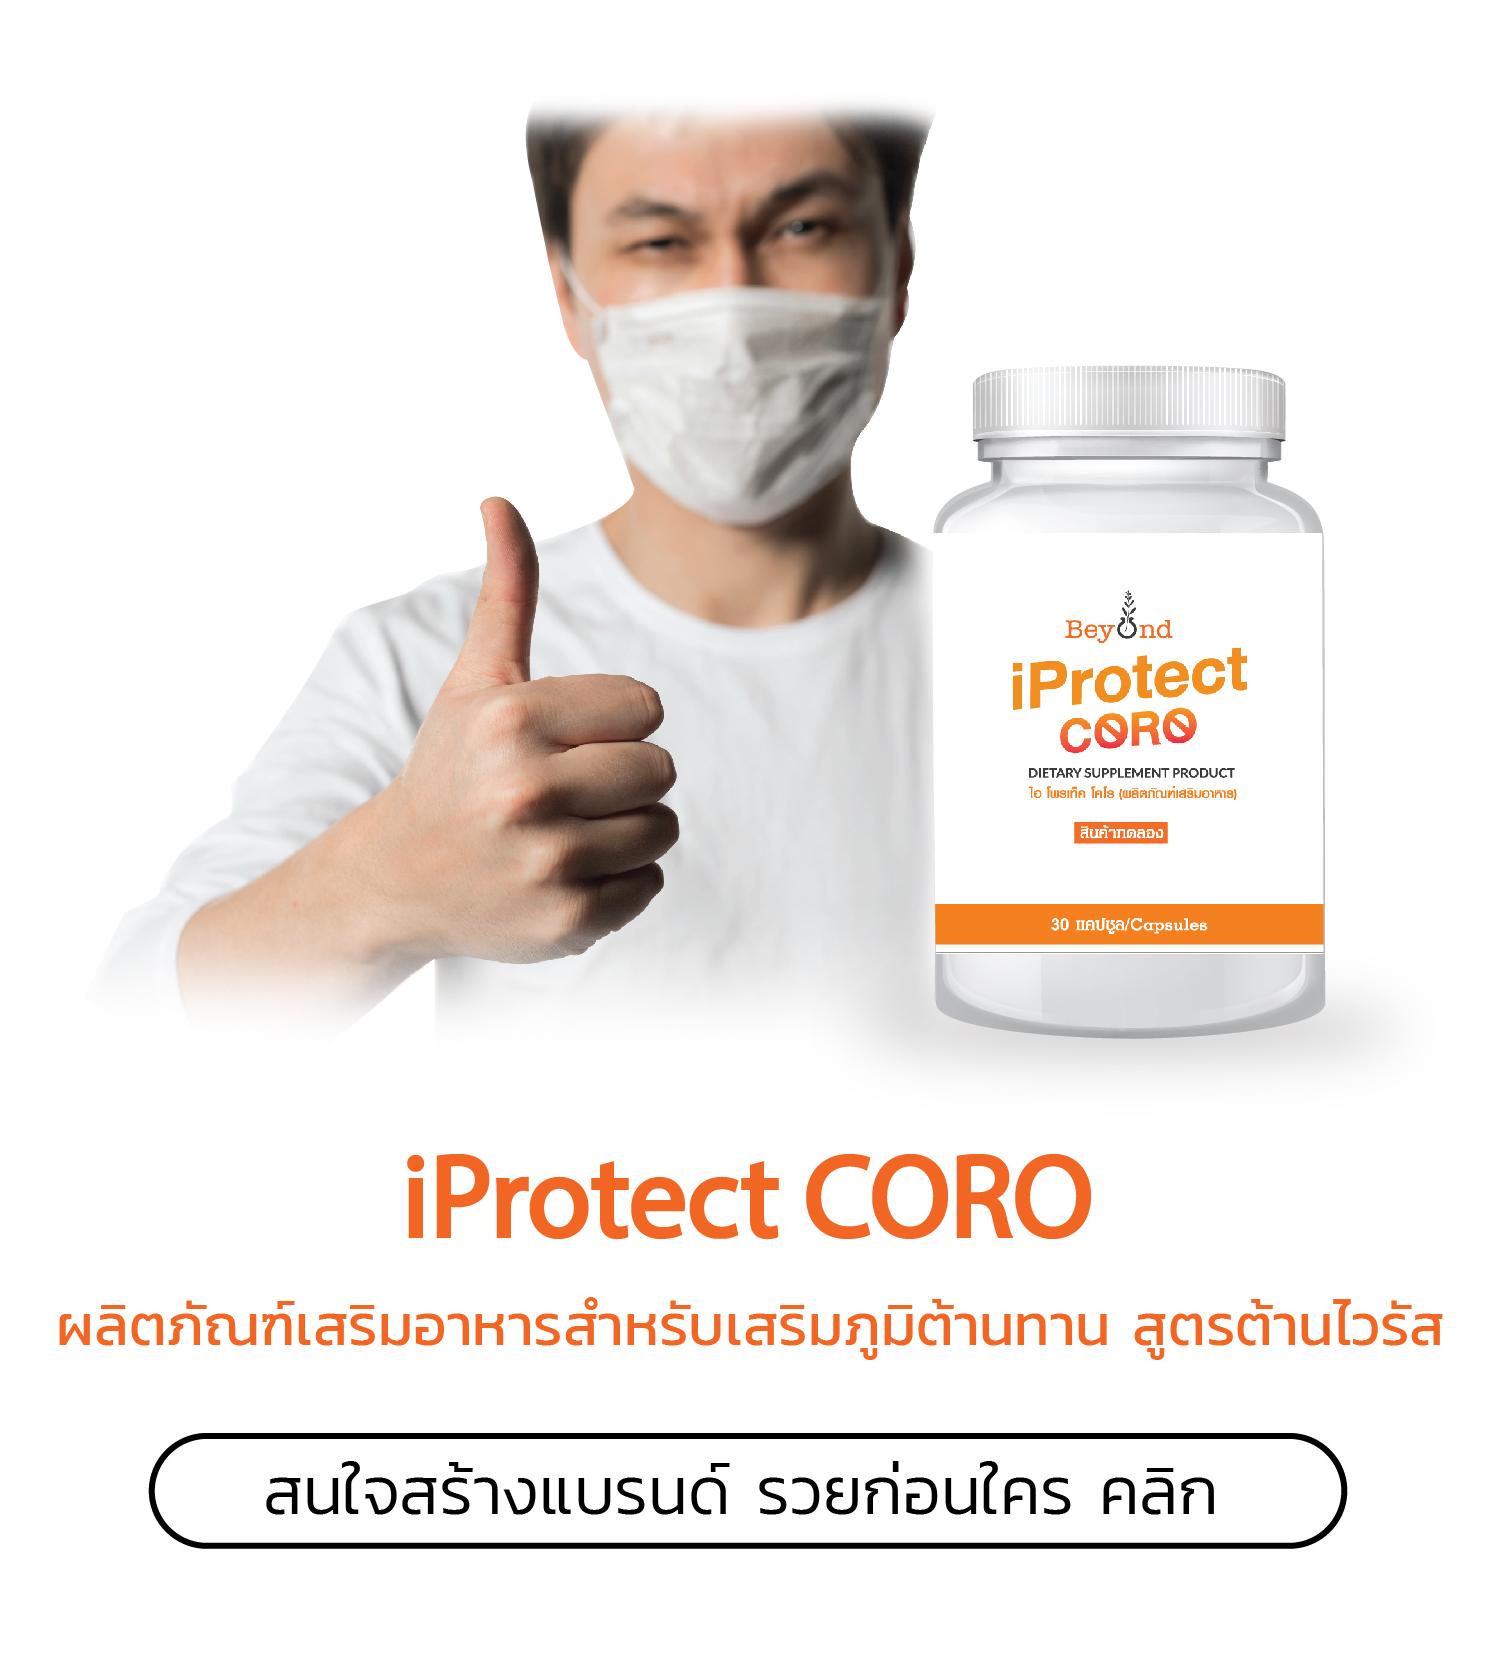 สร้างแบรนด์อาหารเสริม iProtect CORO รวยก่อนใคร